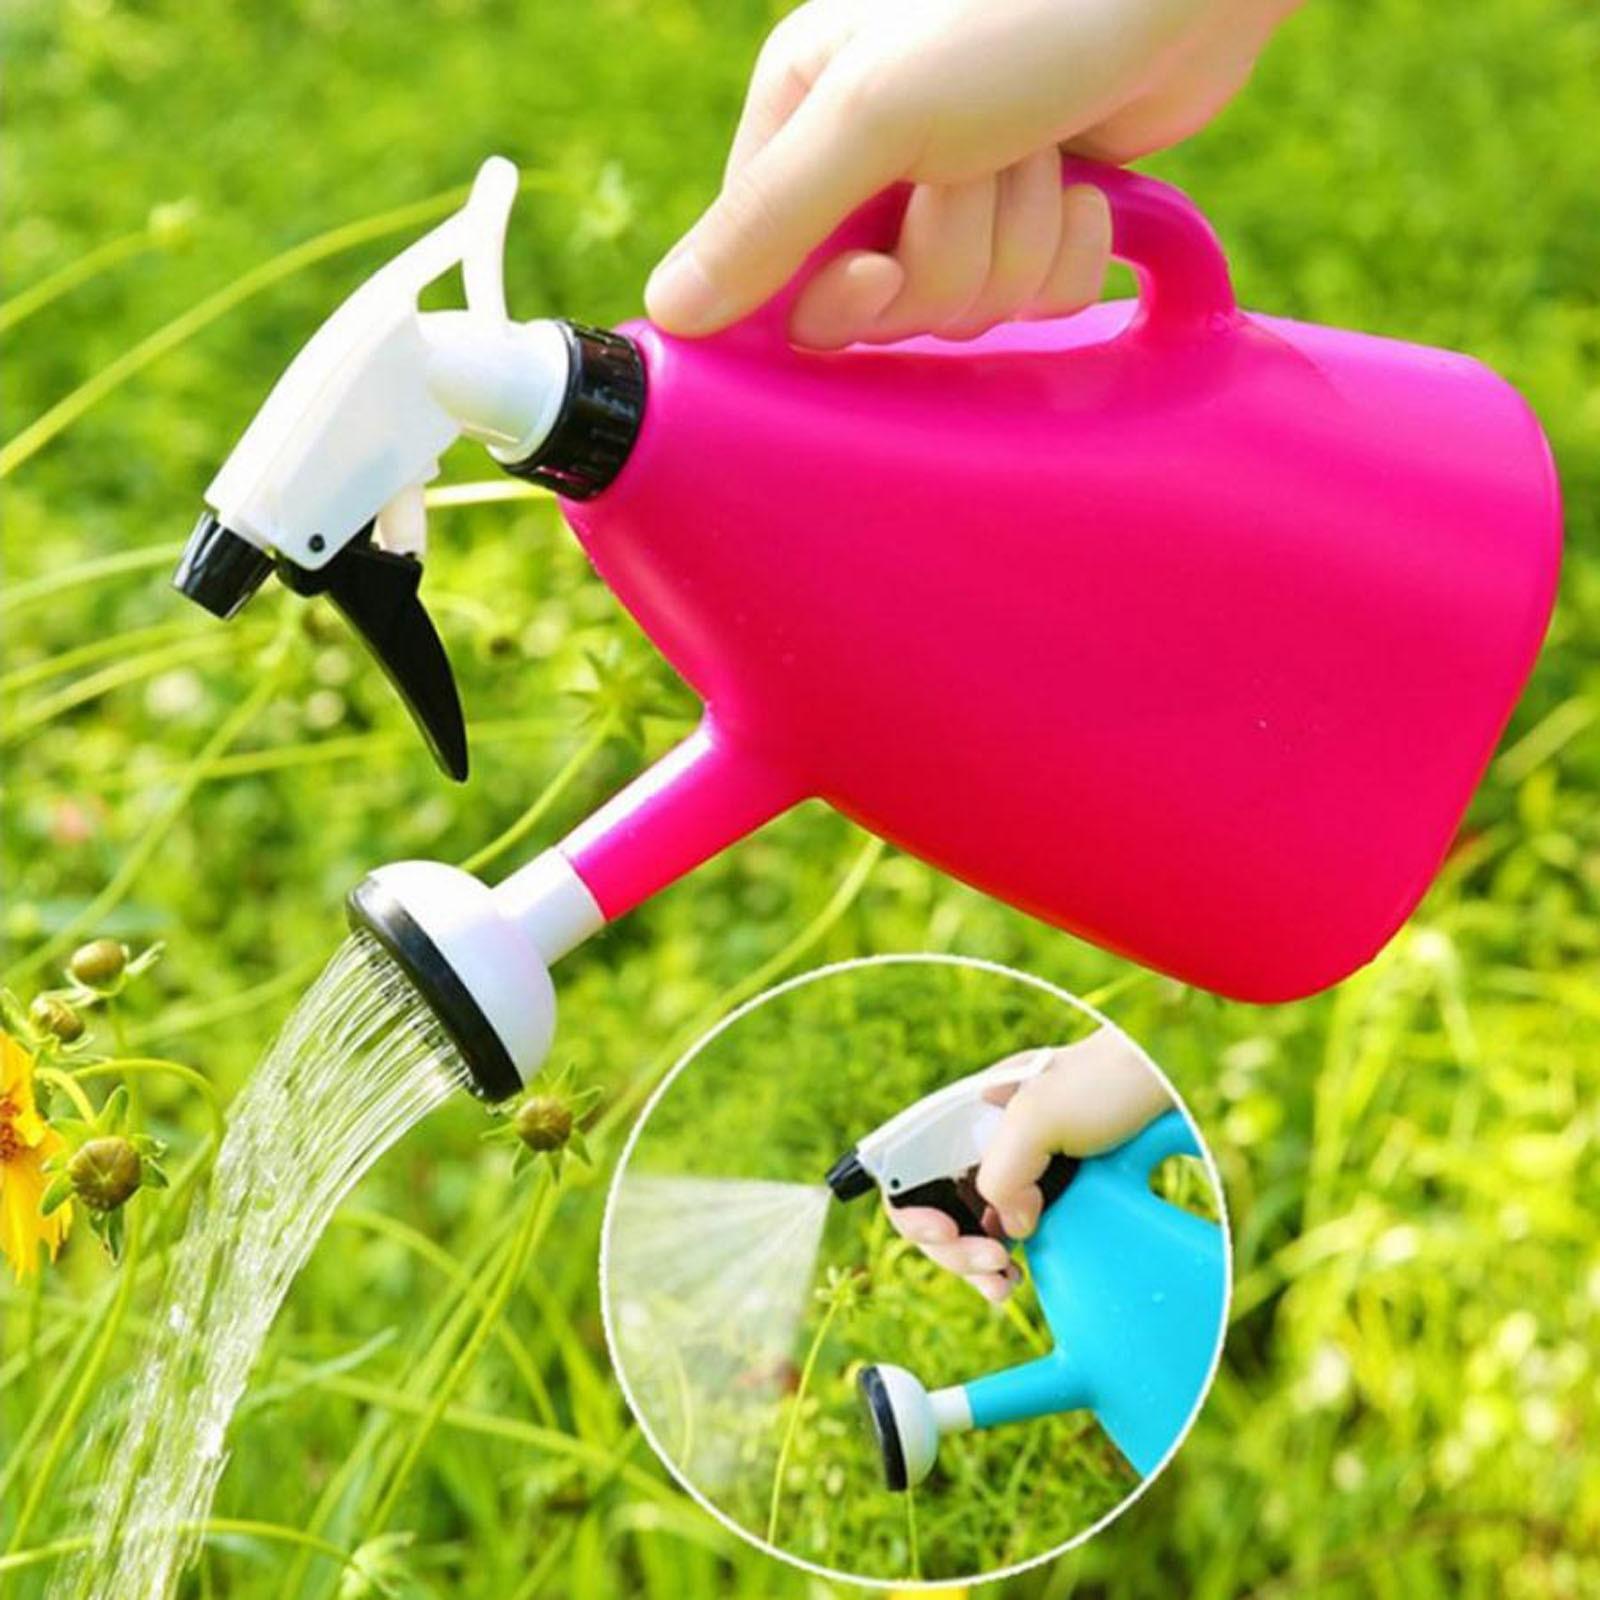 Бутылка-спрей Садоводство воздуха Давление опрыскиватель маленькая Давление Лейка ручной опрыскиватель садовые цветы и растения для полива инструмент